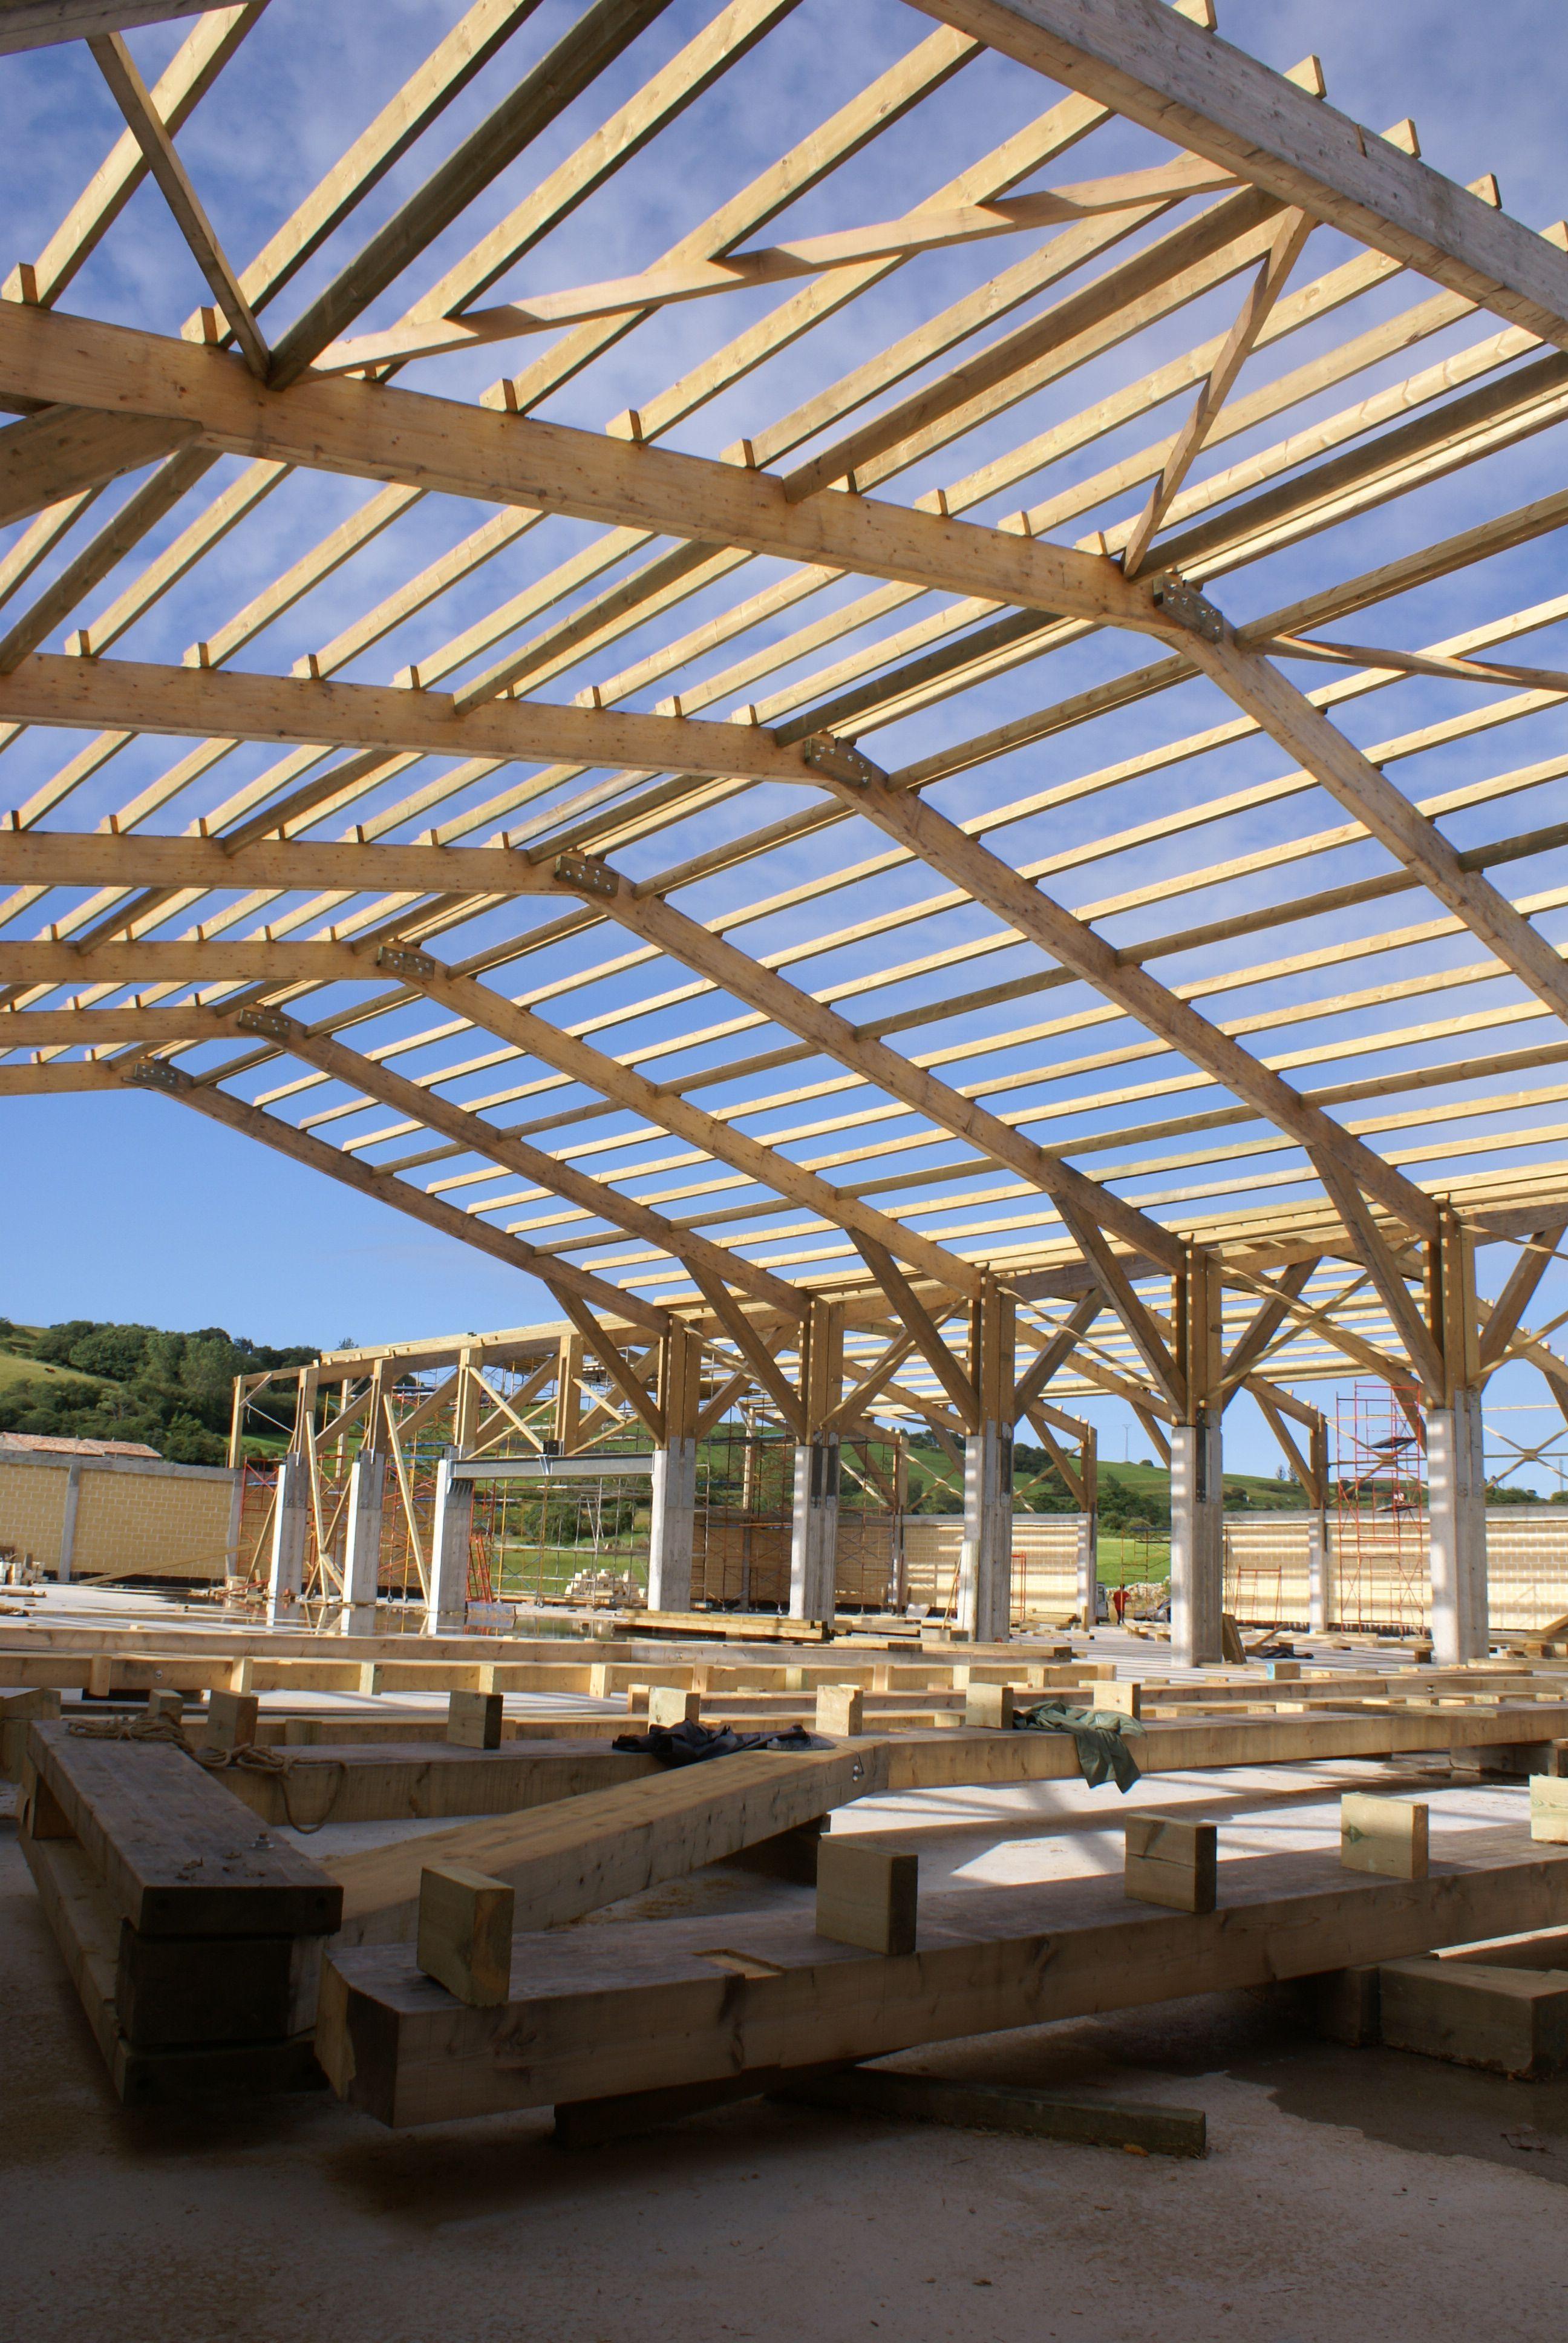 Construcci n de p rticos de madera laminada de 25m de luz - Estructuras de madera laminada ...